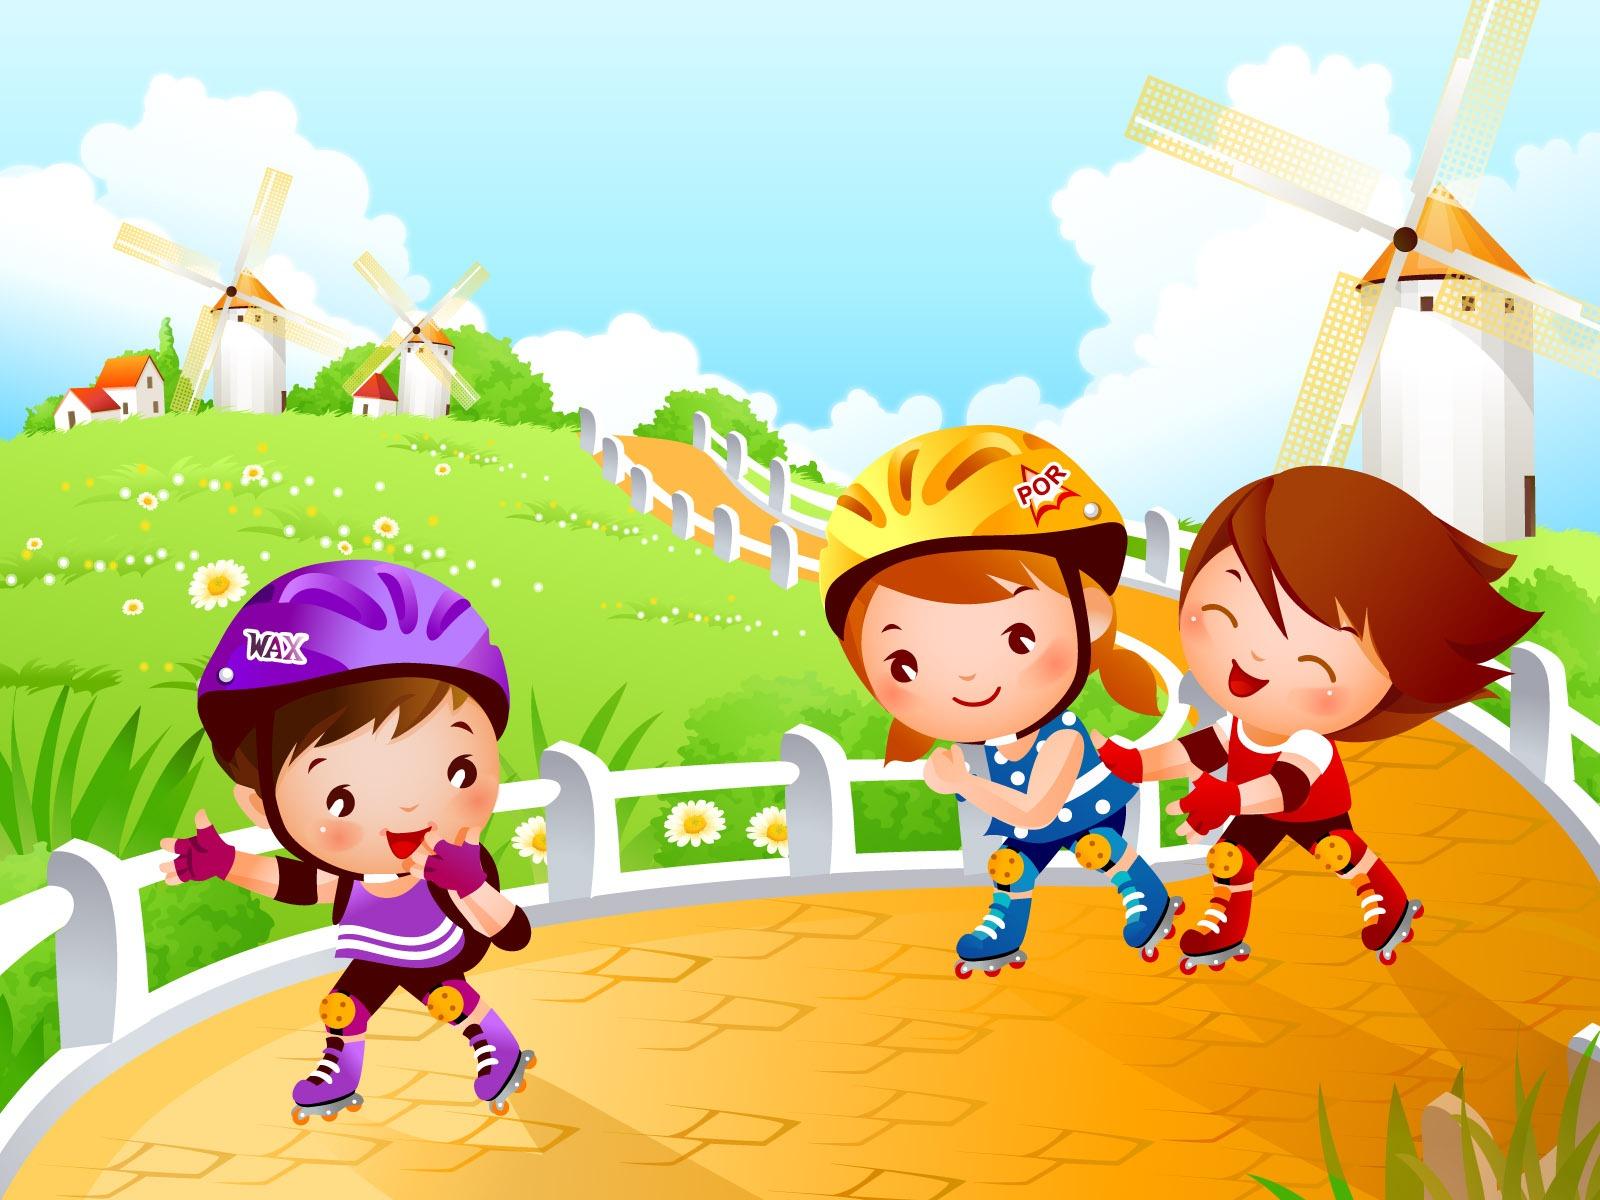 L minas coloridas para trabajar vocabulario atenci n - Dibujos infantiles de ninos jugando ...